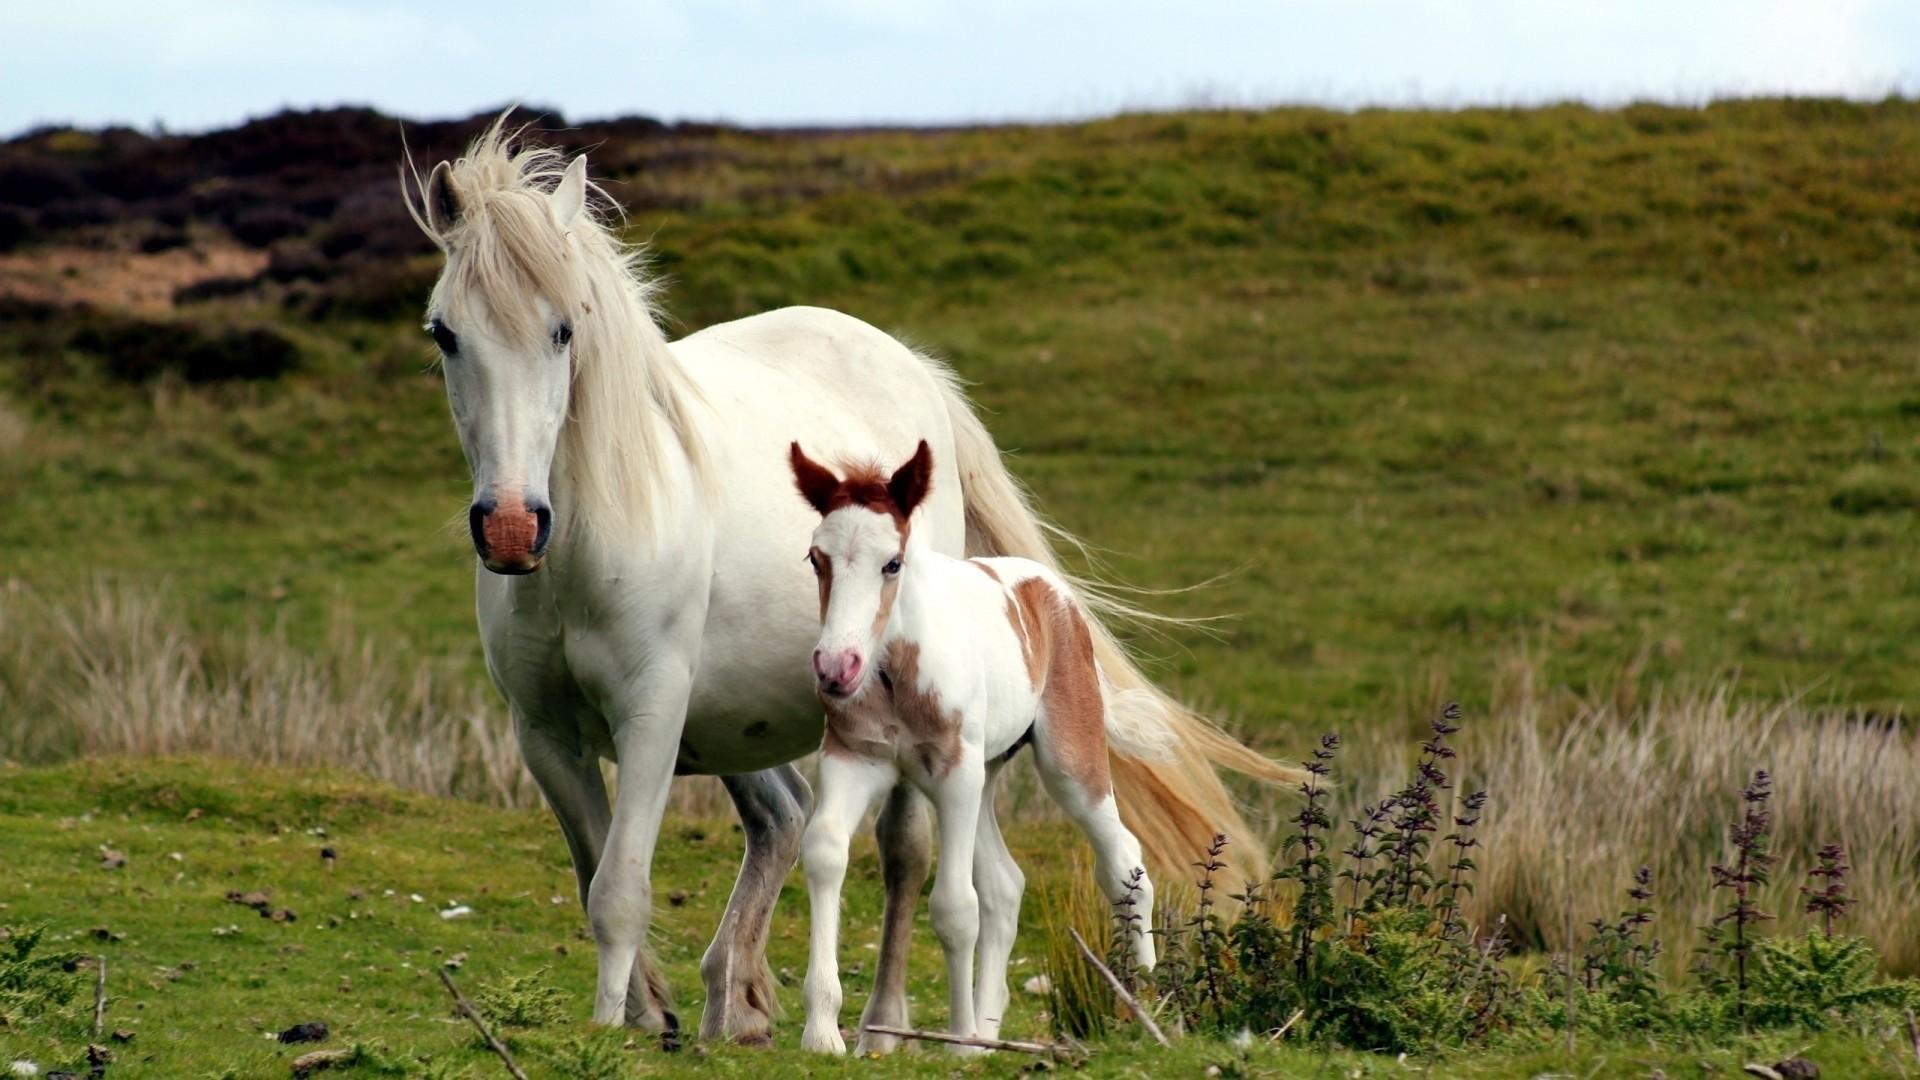 White Horse Pic